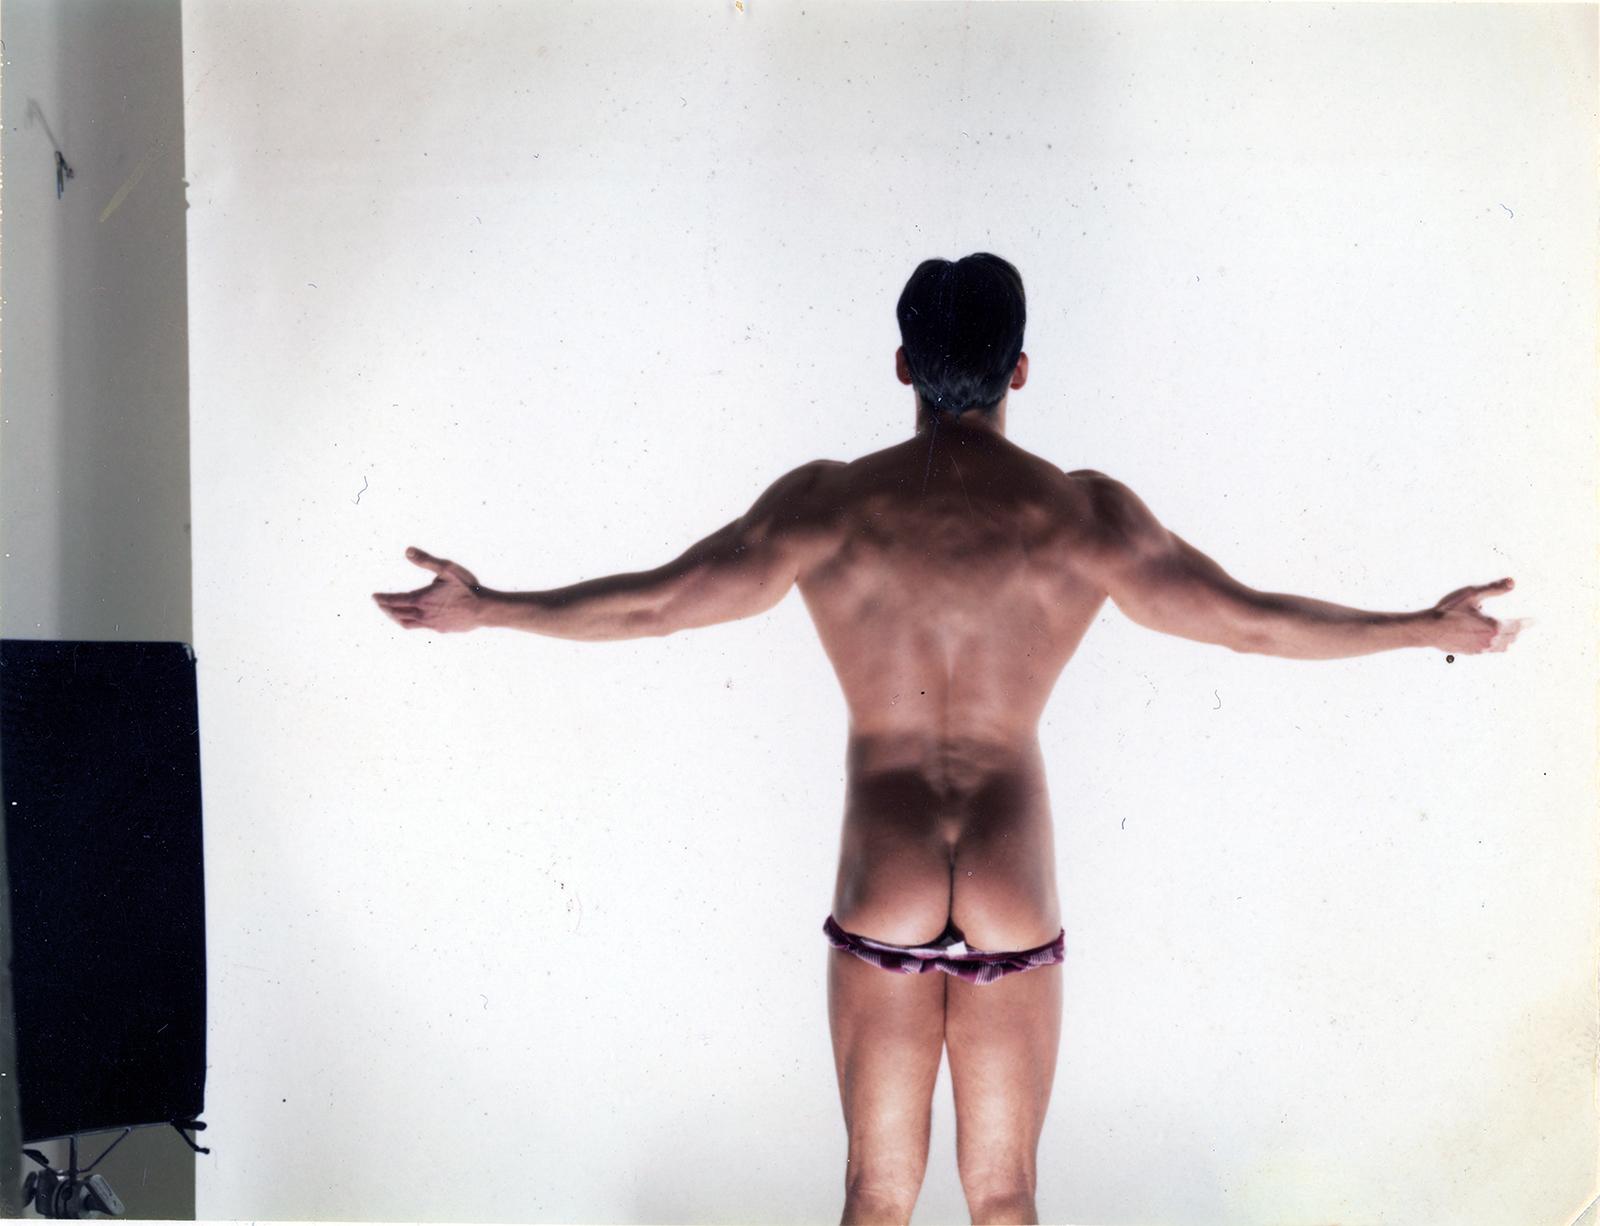 Fotó: Szatmári Gergely: Részlet a Nálunk/Villanások című album képeiből